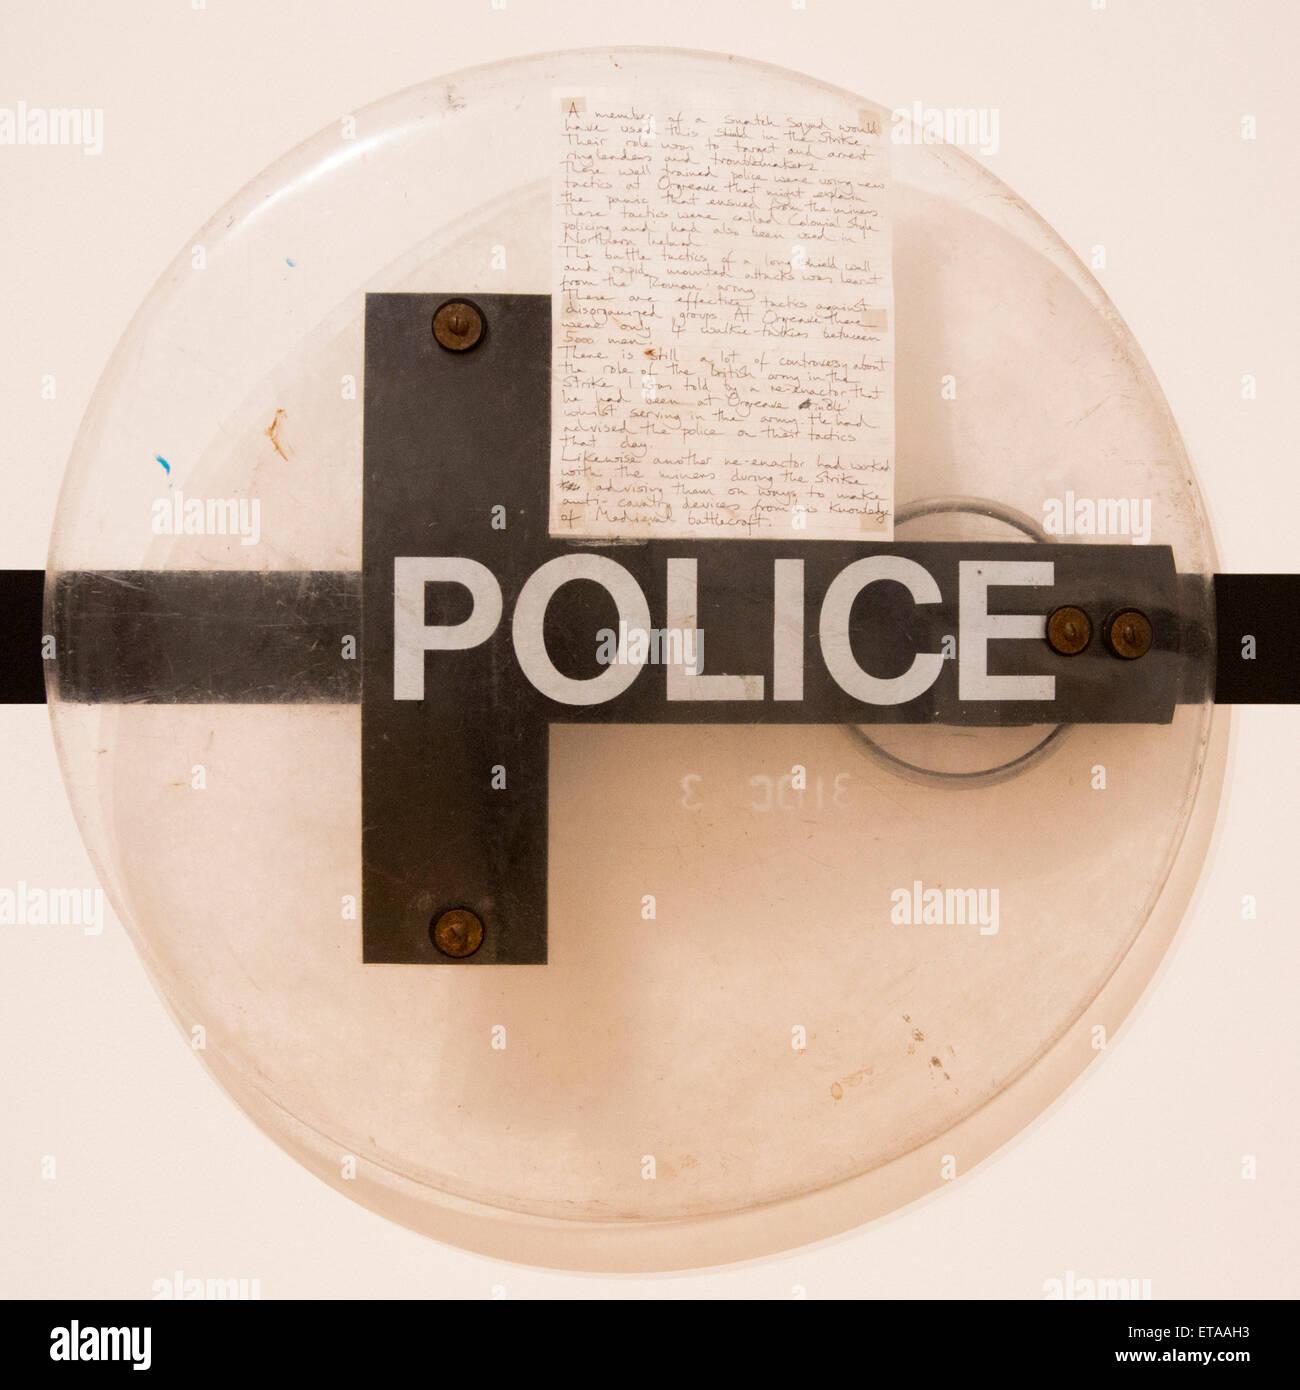 Londres, Reino Unido. 8 de junio de 2015. Foto: un escudo de la policía que podrían haber sido utilizados Imagen De Stock